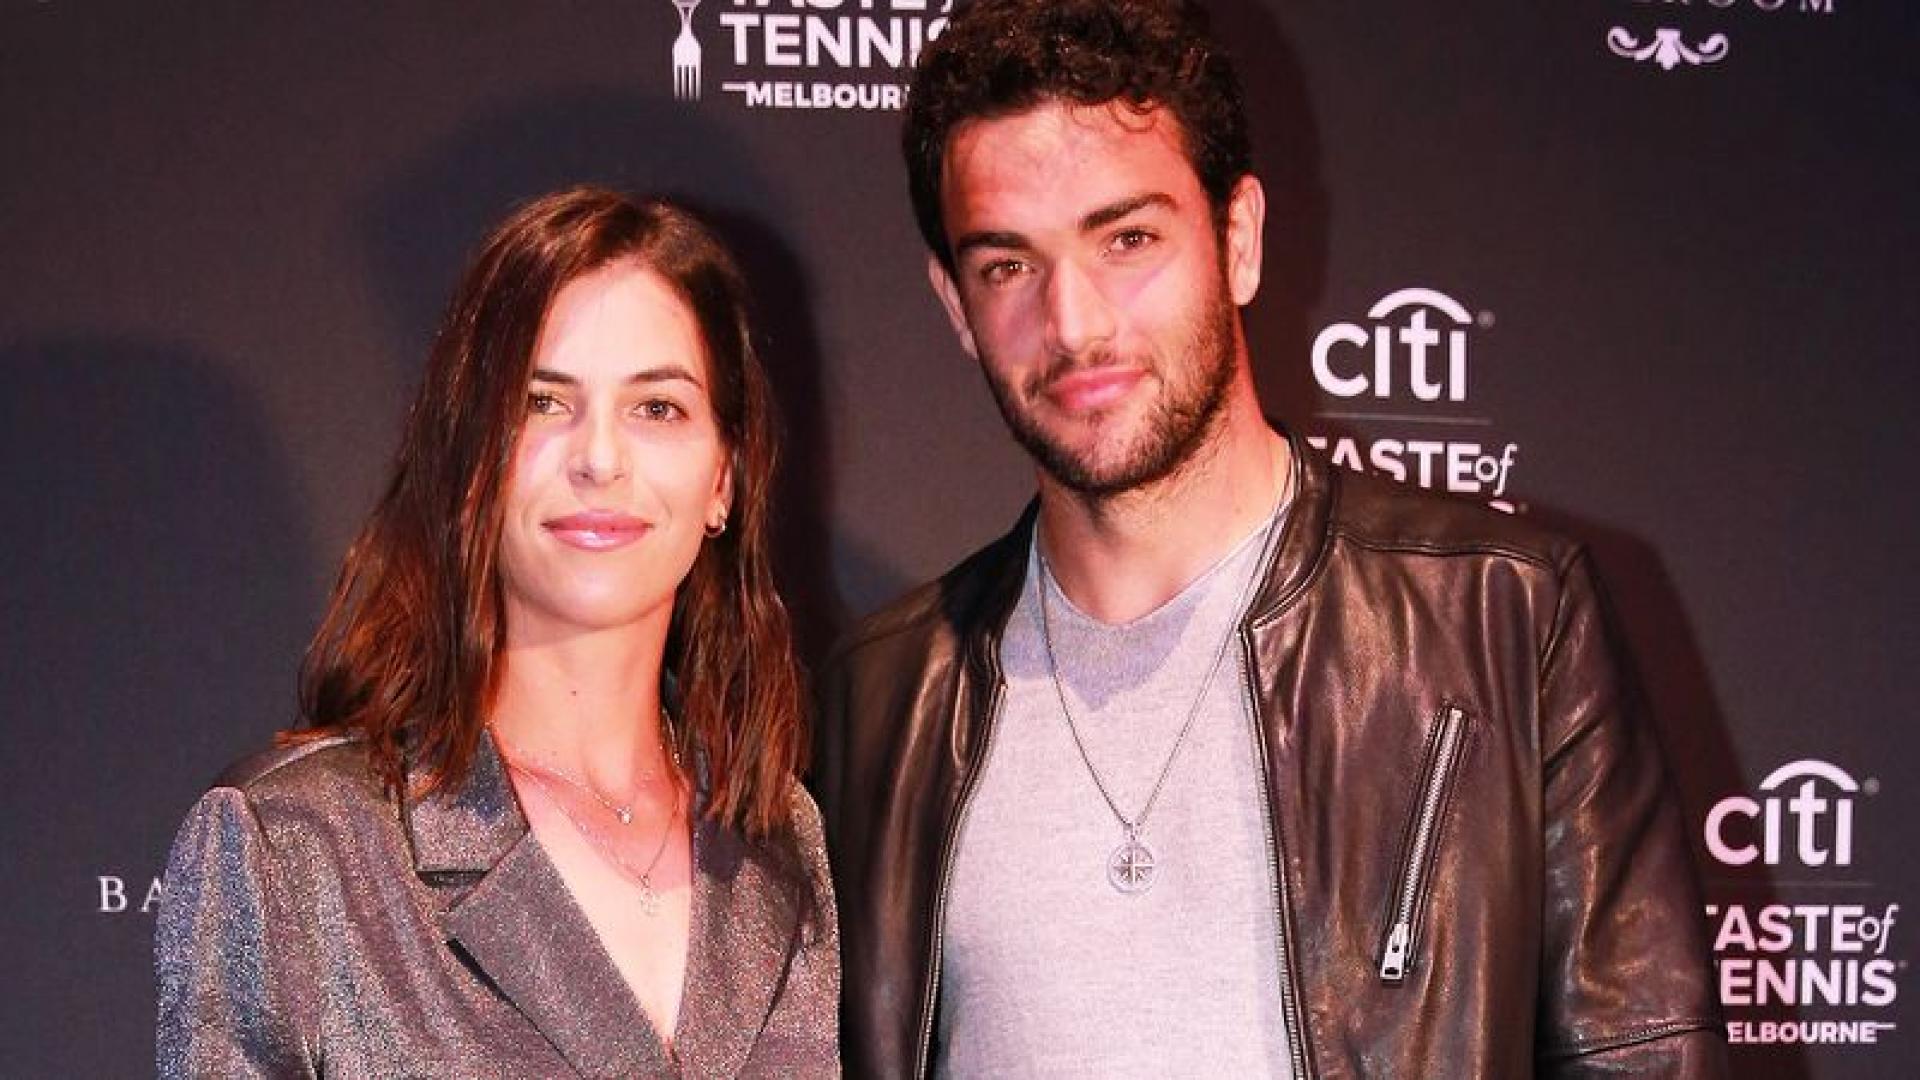 Who Is Ajla Tomljanovic Dating?